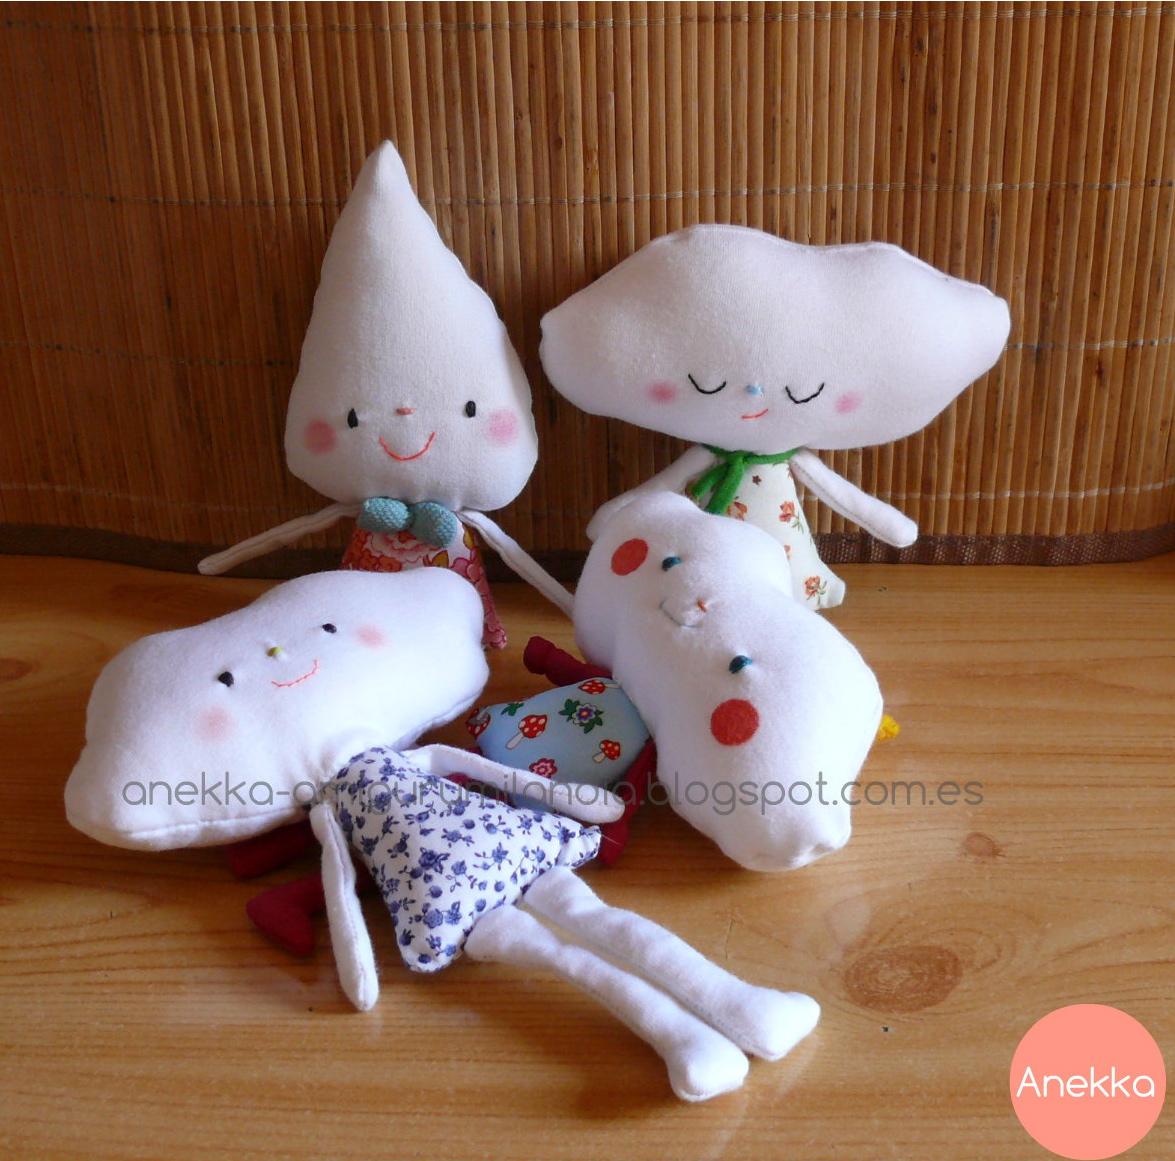 fabric doll handmade anekka